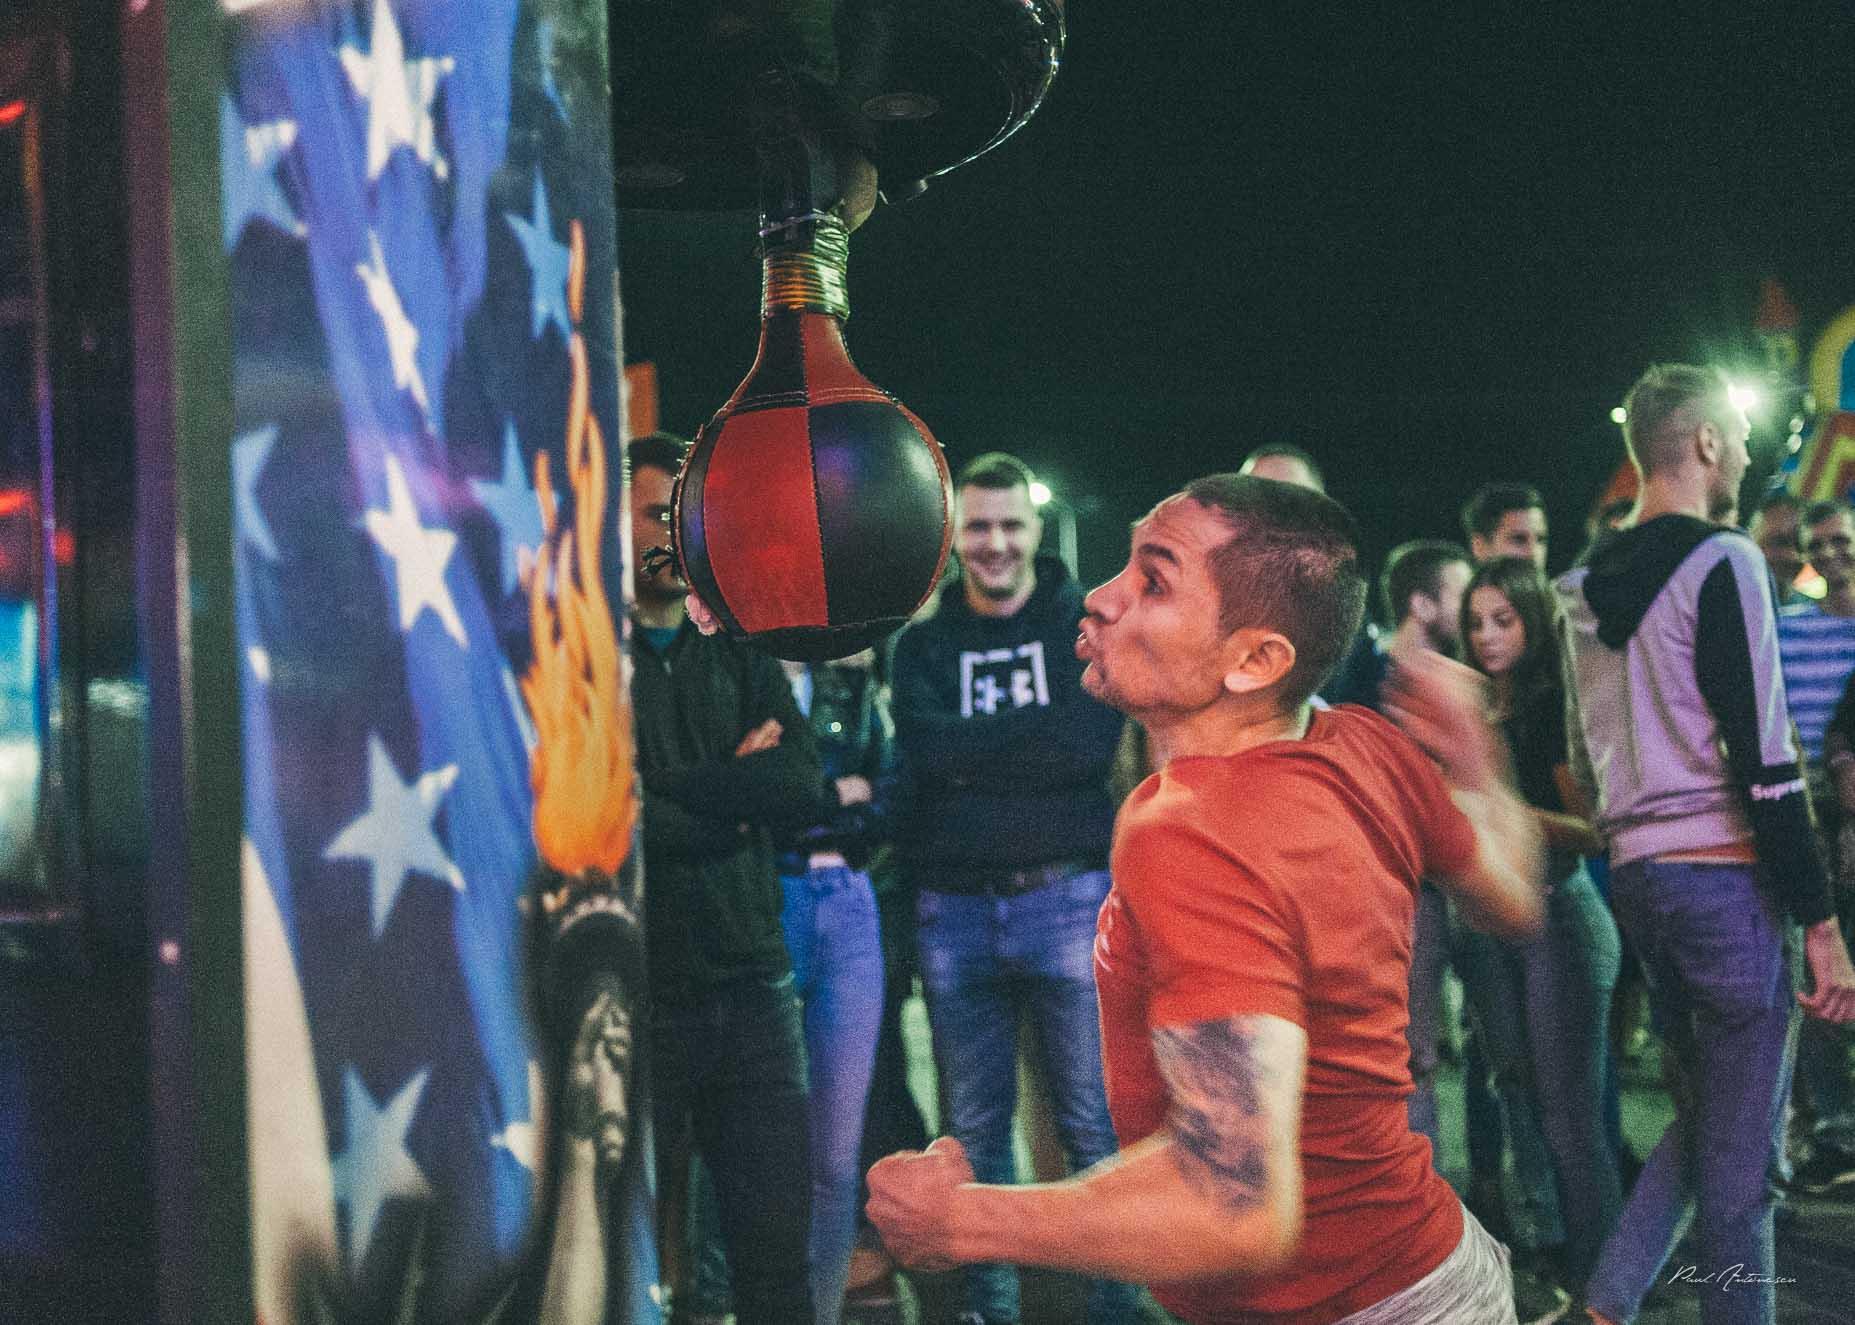 Tanar lovind un sac de box in parcul de distractii, oaraselul copiilor